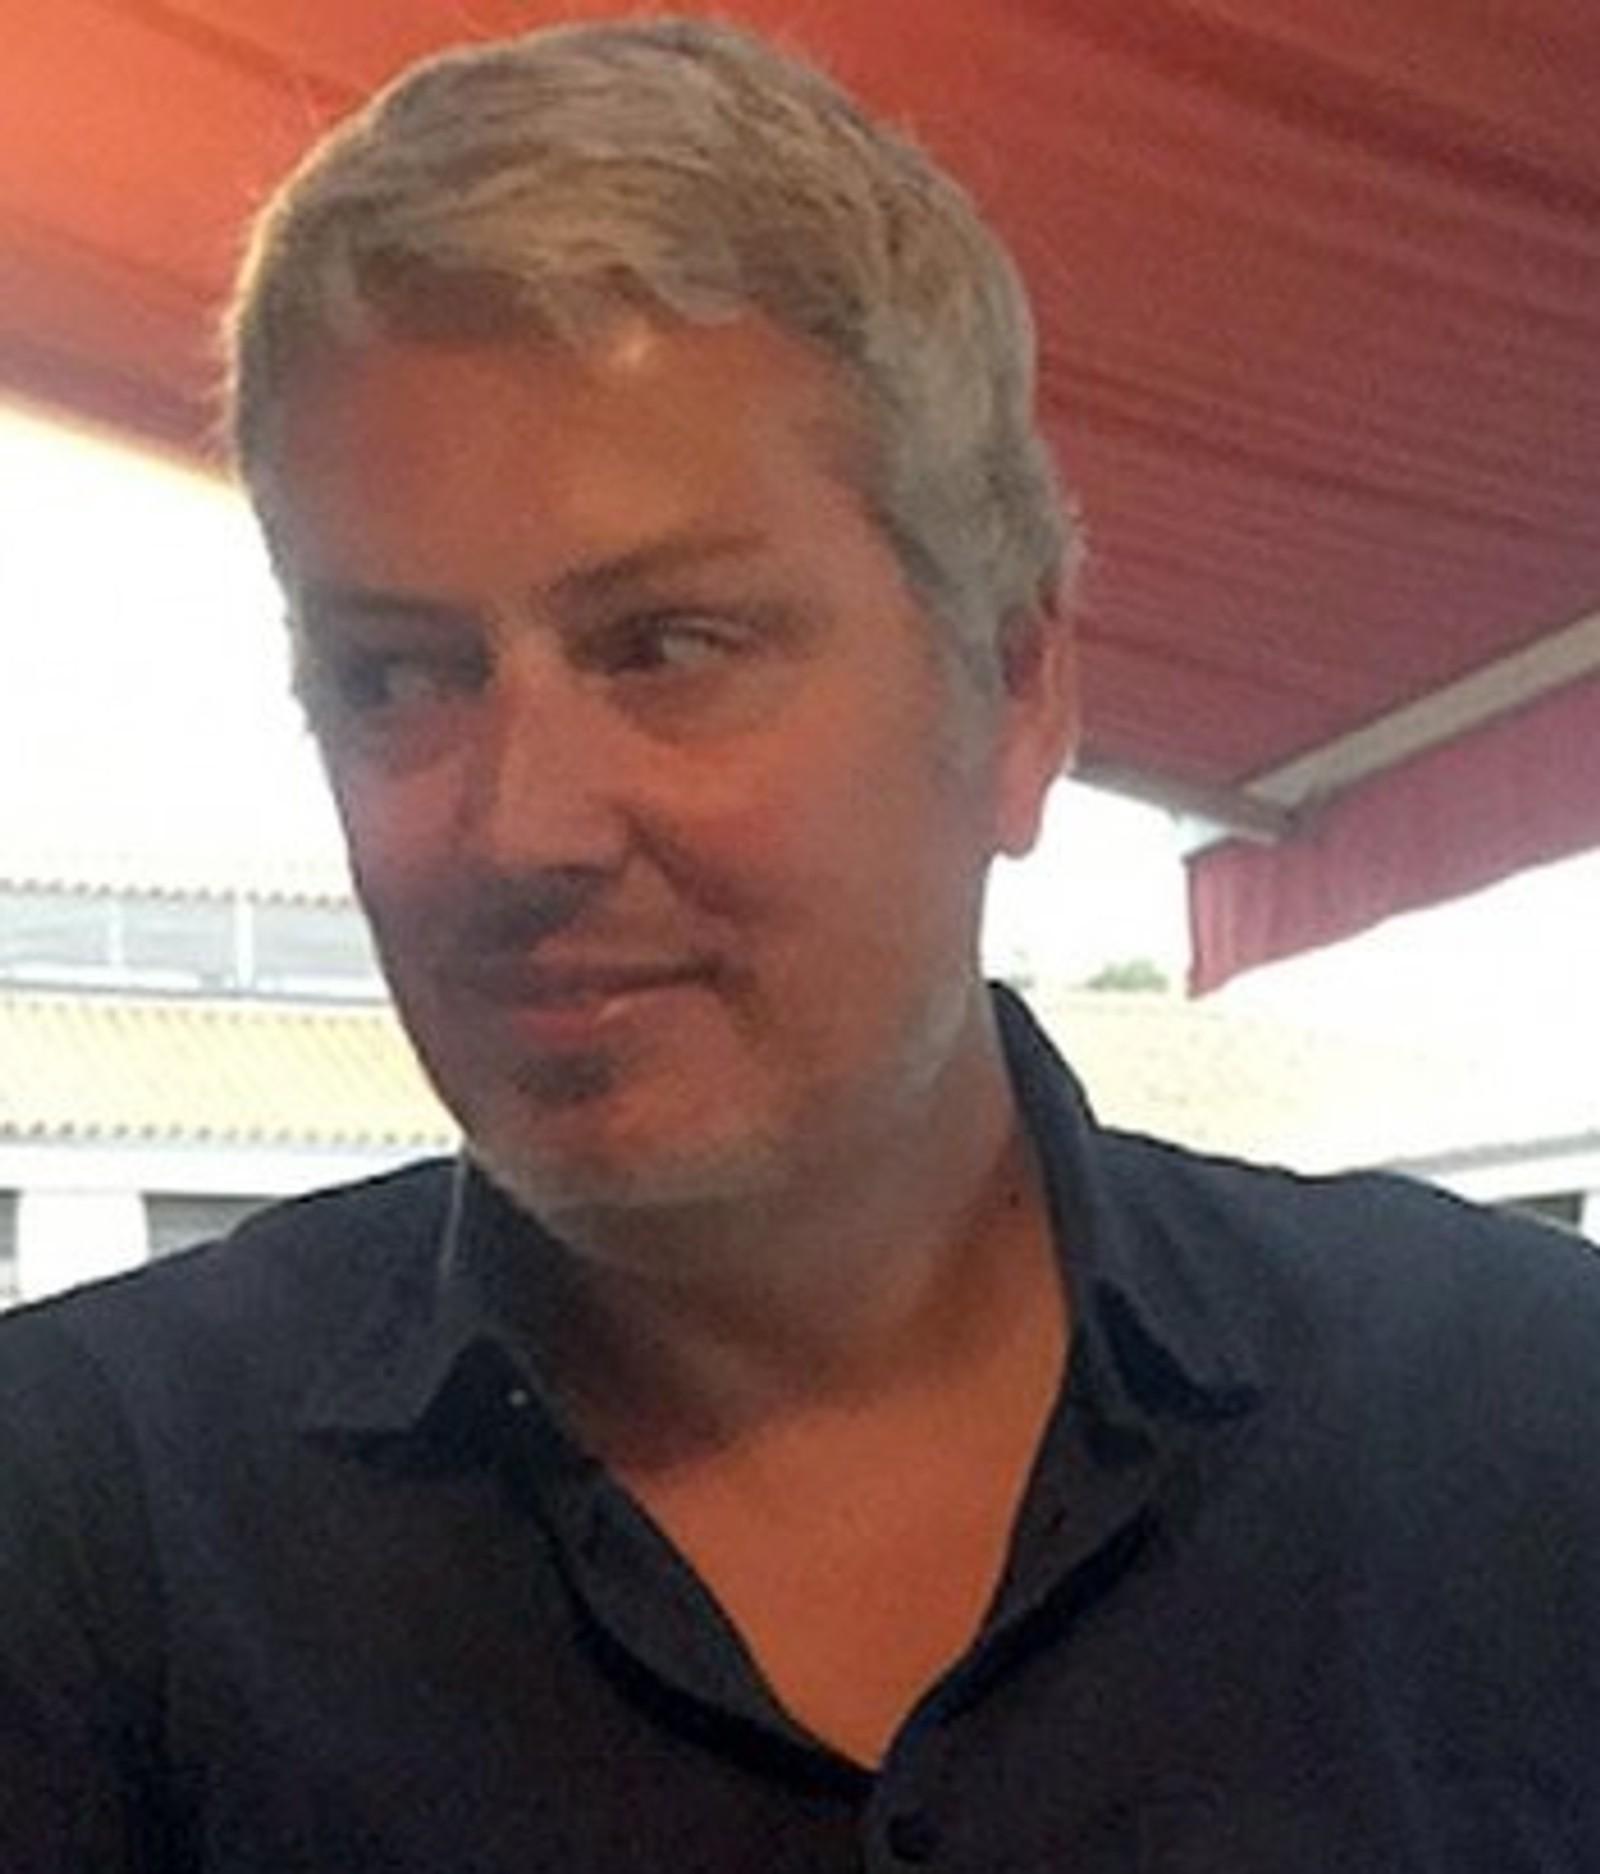 DREPT: Fabrice Dubois (46) jobbet i kommunikasjonsgruppen Publicis Conseil. Han var gift og hadde to barn. Fabrice døde på konserten i Bataclan konserthus.